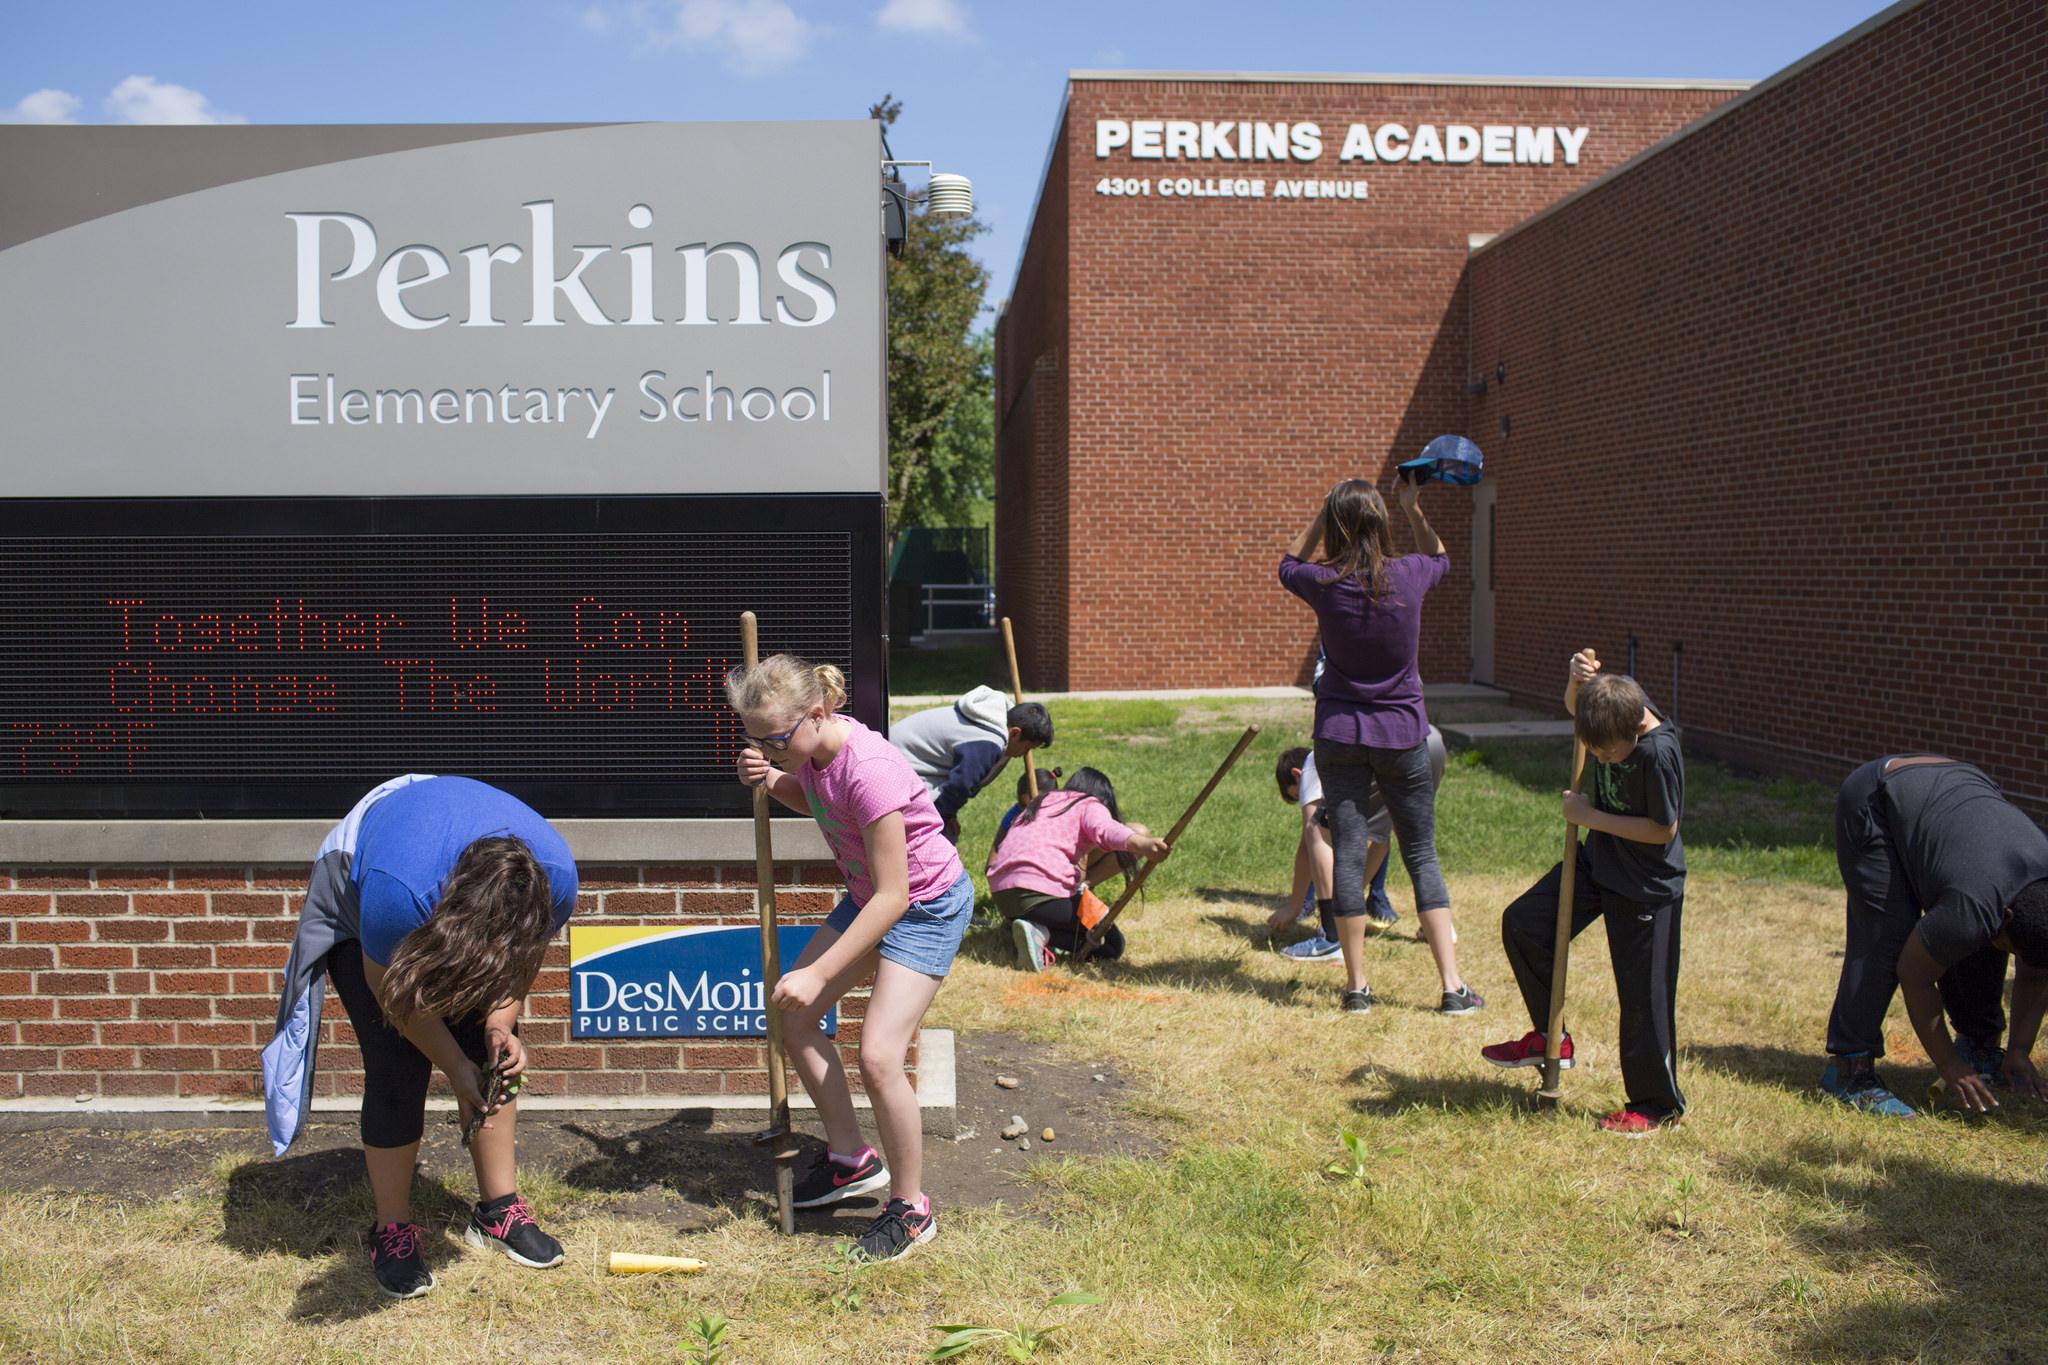 A Colorful Spring For Perkins Penguins Des Moines Public Schools